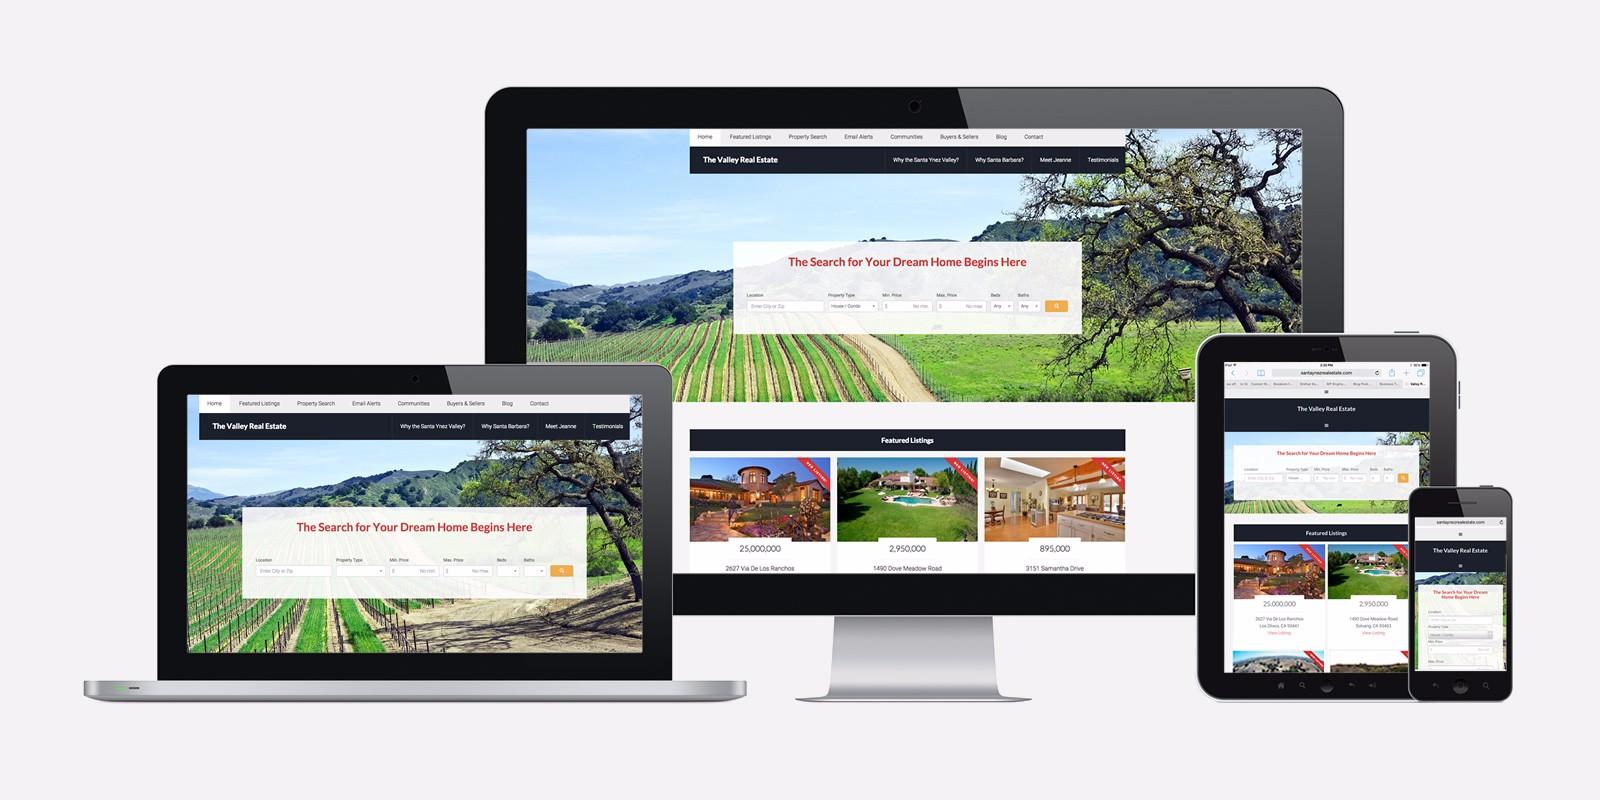 wordpress_portfolio_valley_real_estate_v2